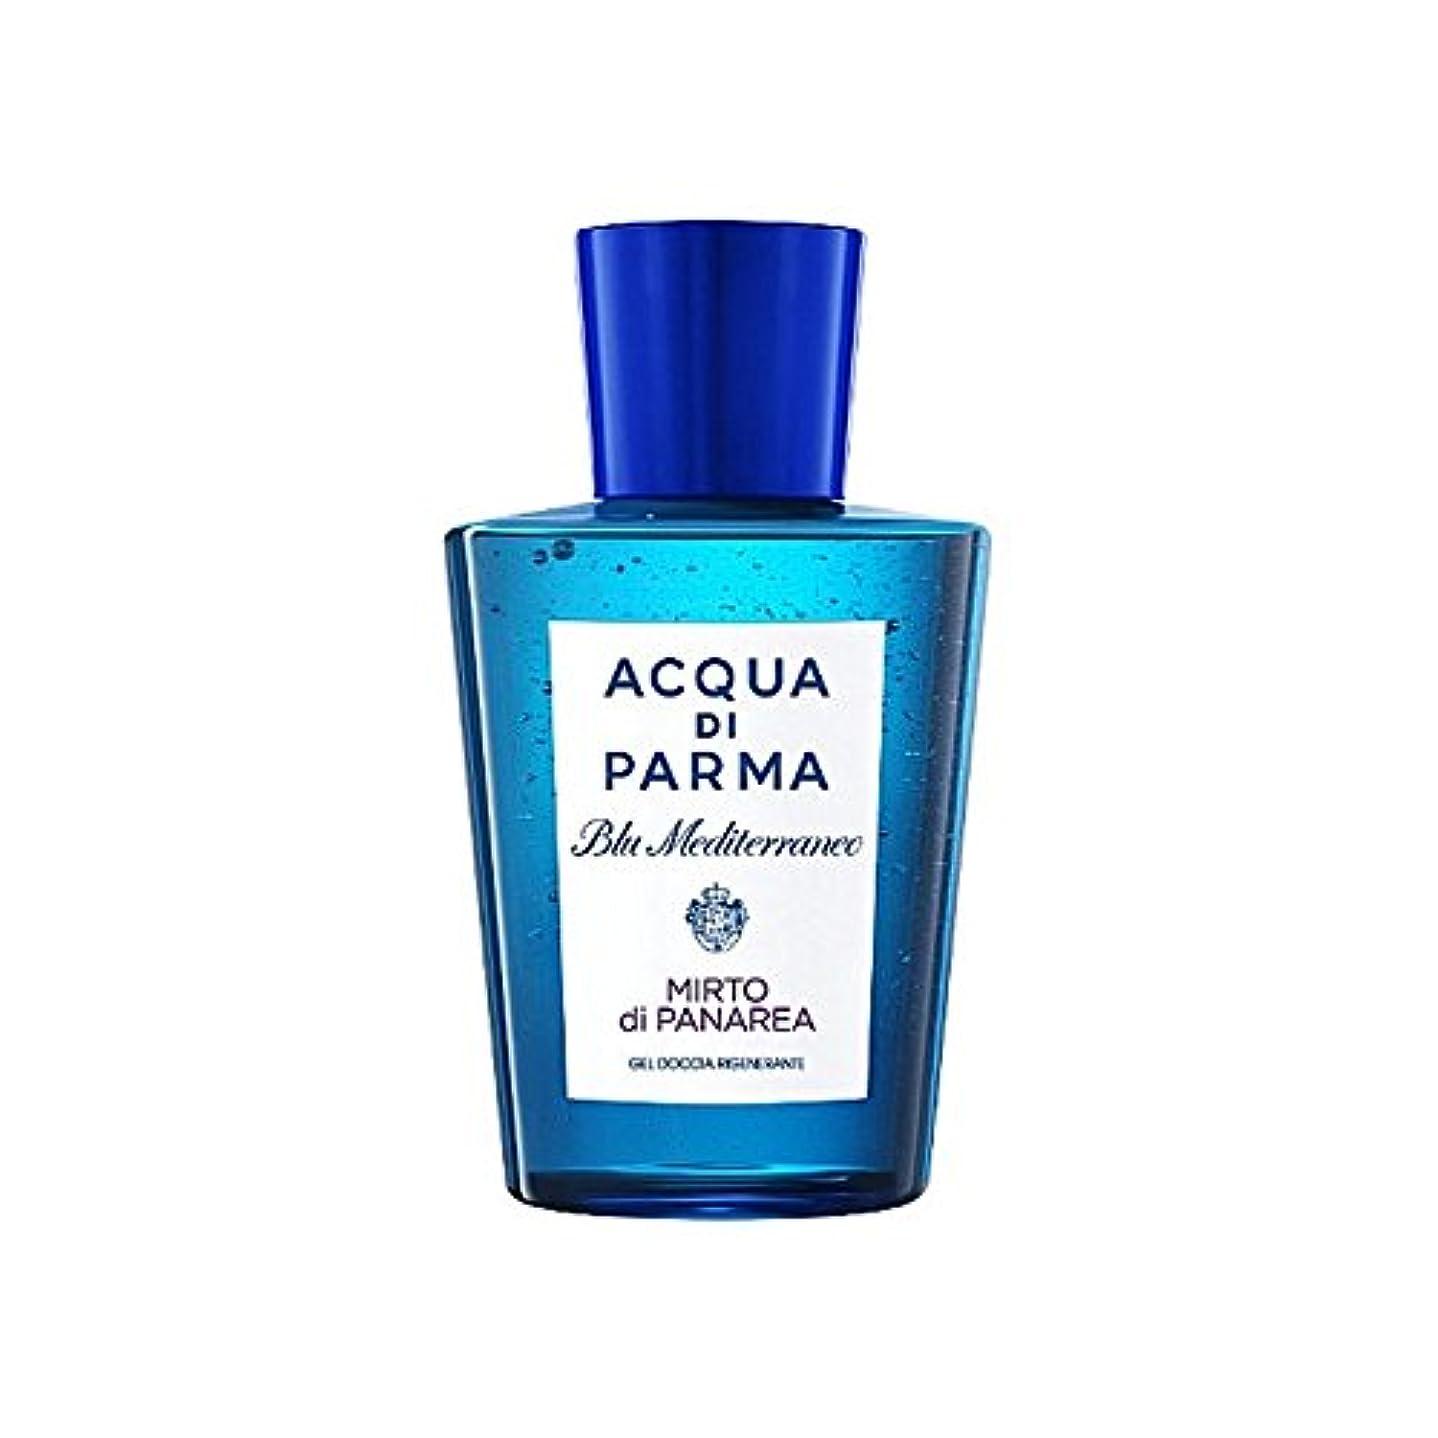 傾斜肖像画多年生Acqua Di Parma Blu Mediterraneo Mirto Di Panarea Shower Gel 200ml - アクアディパルマブルーメディミルトディパナレアシャワージェル200 [並行輸入品]